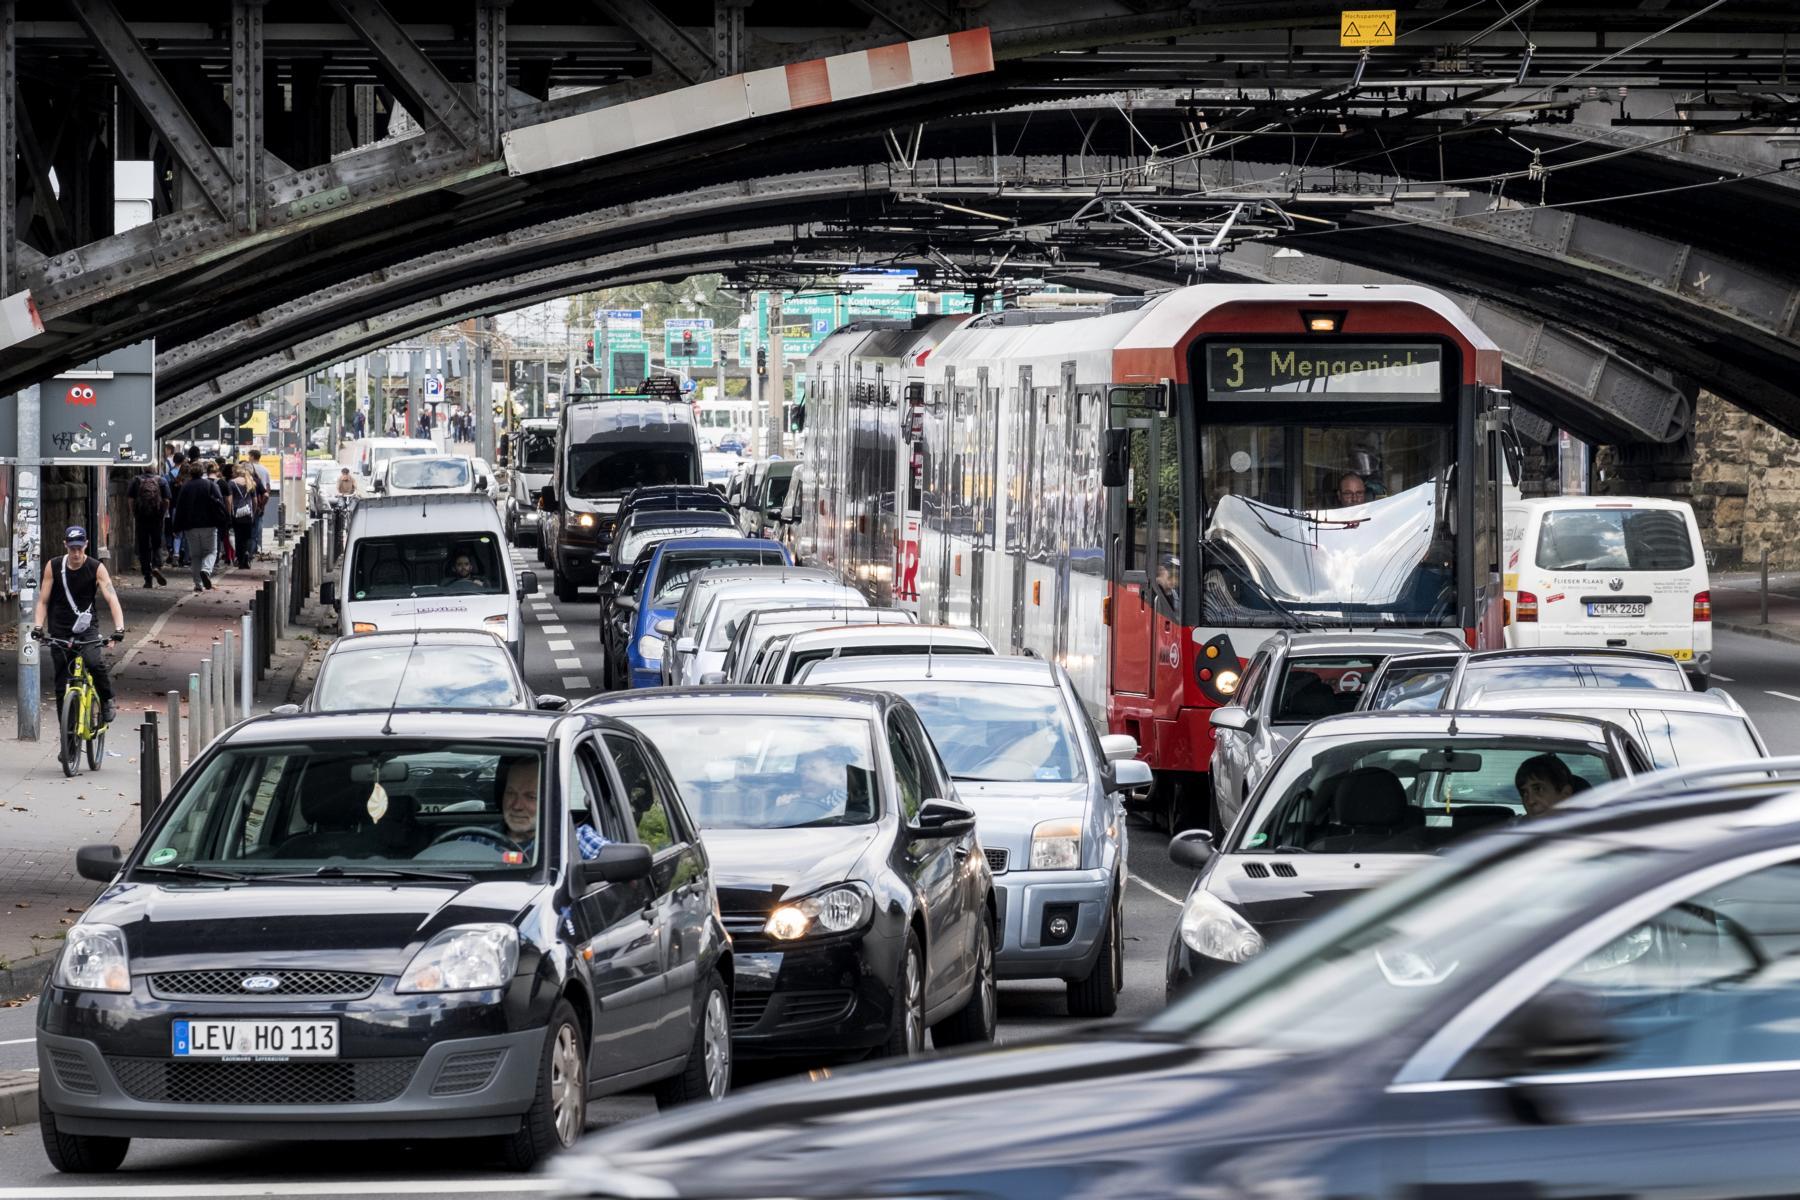 Auf vielen Strecken fahren die Bahnen im Individualverkehr mit. Das hat zur Folge, dass sie auch von Stau betroffen sind.